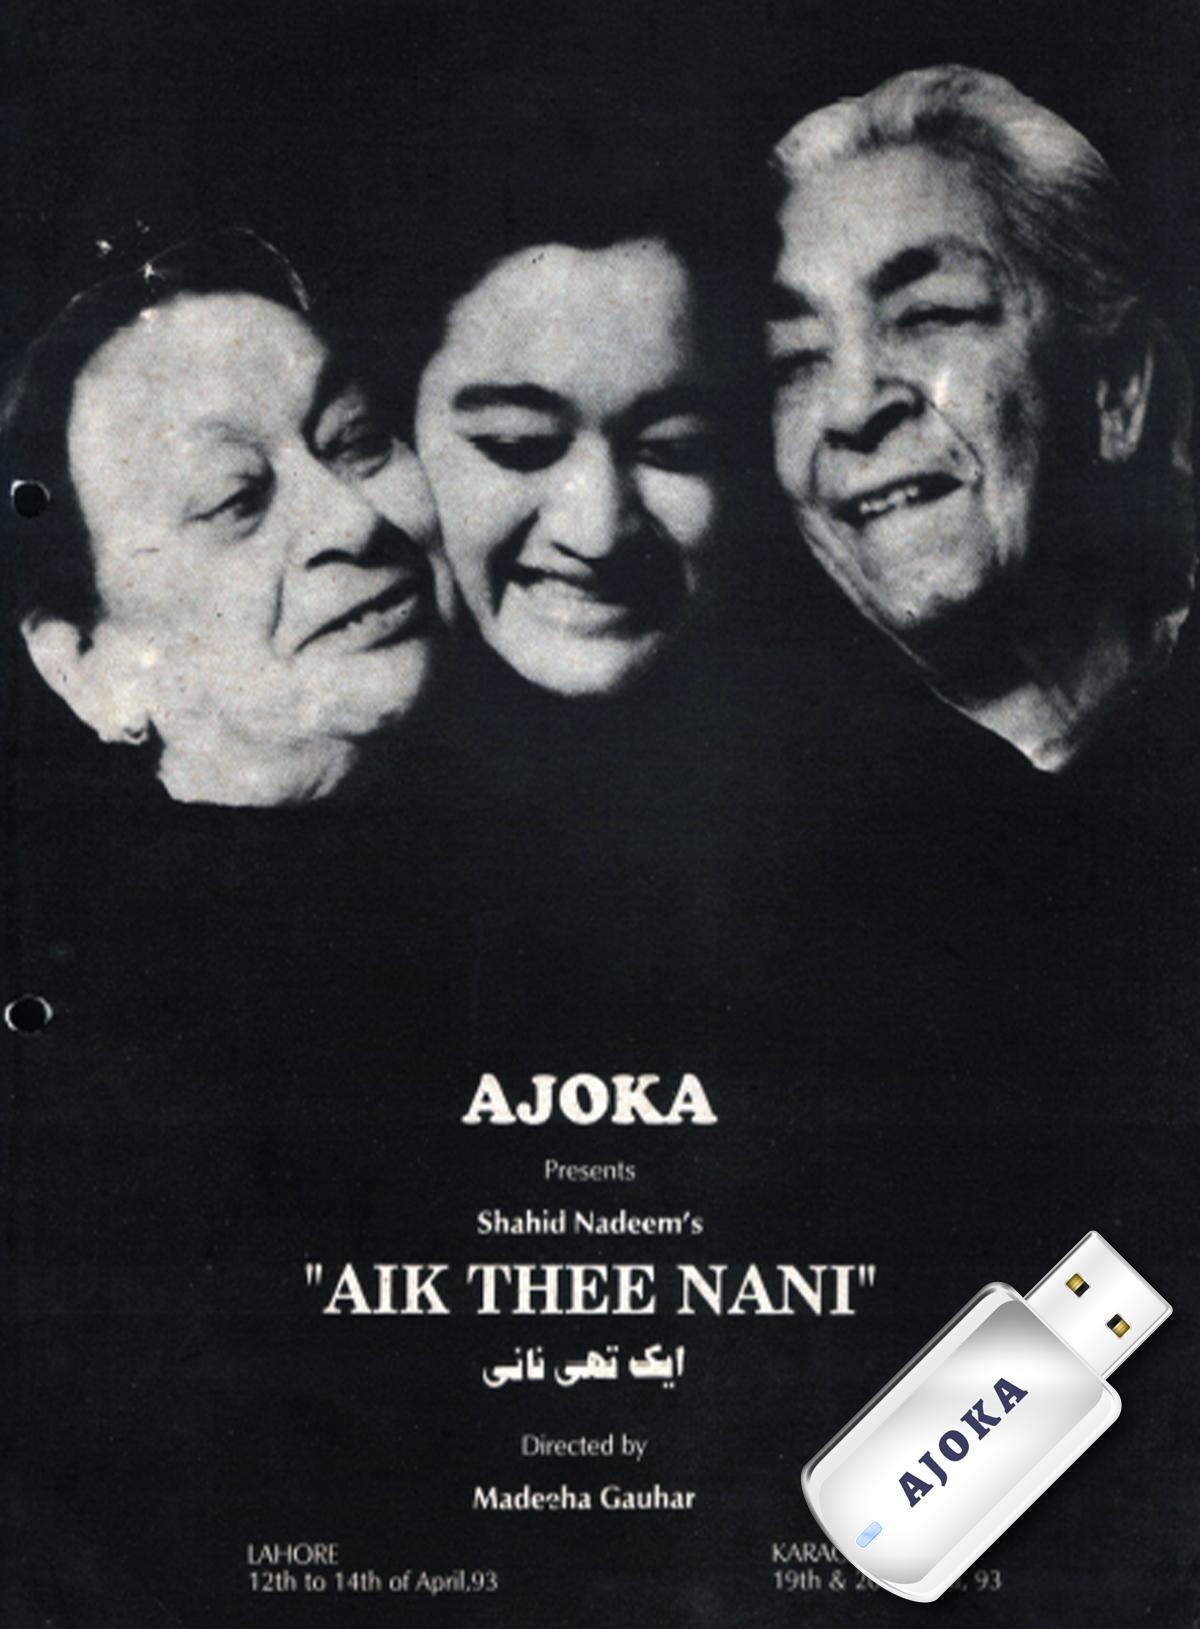 AIK THI NANI-USB